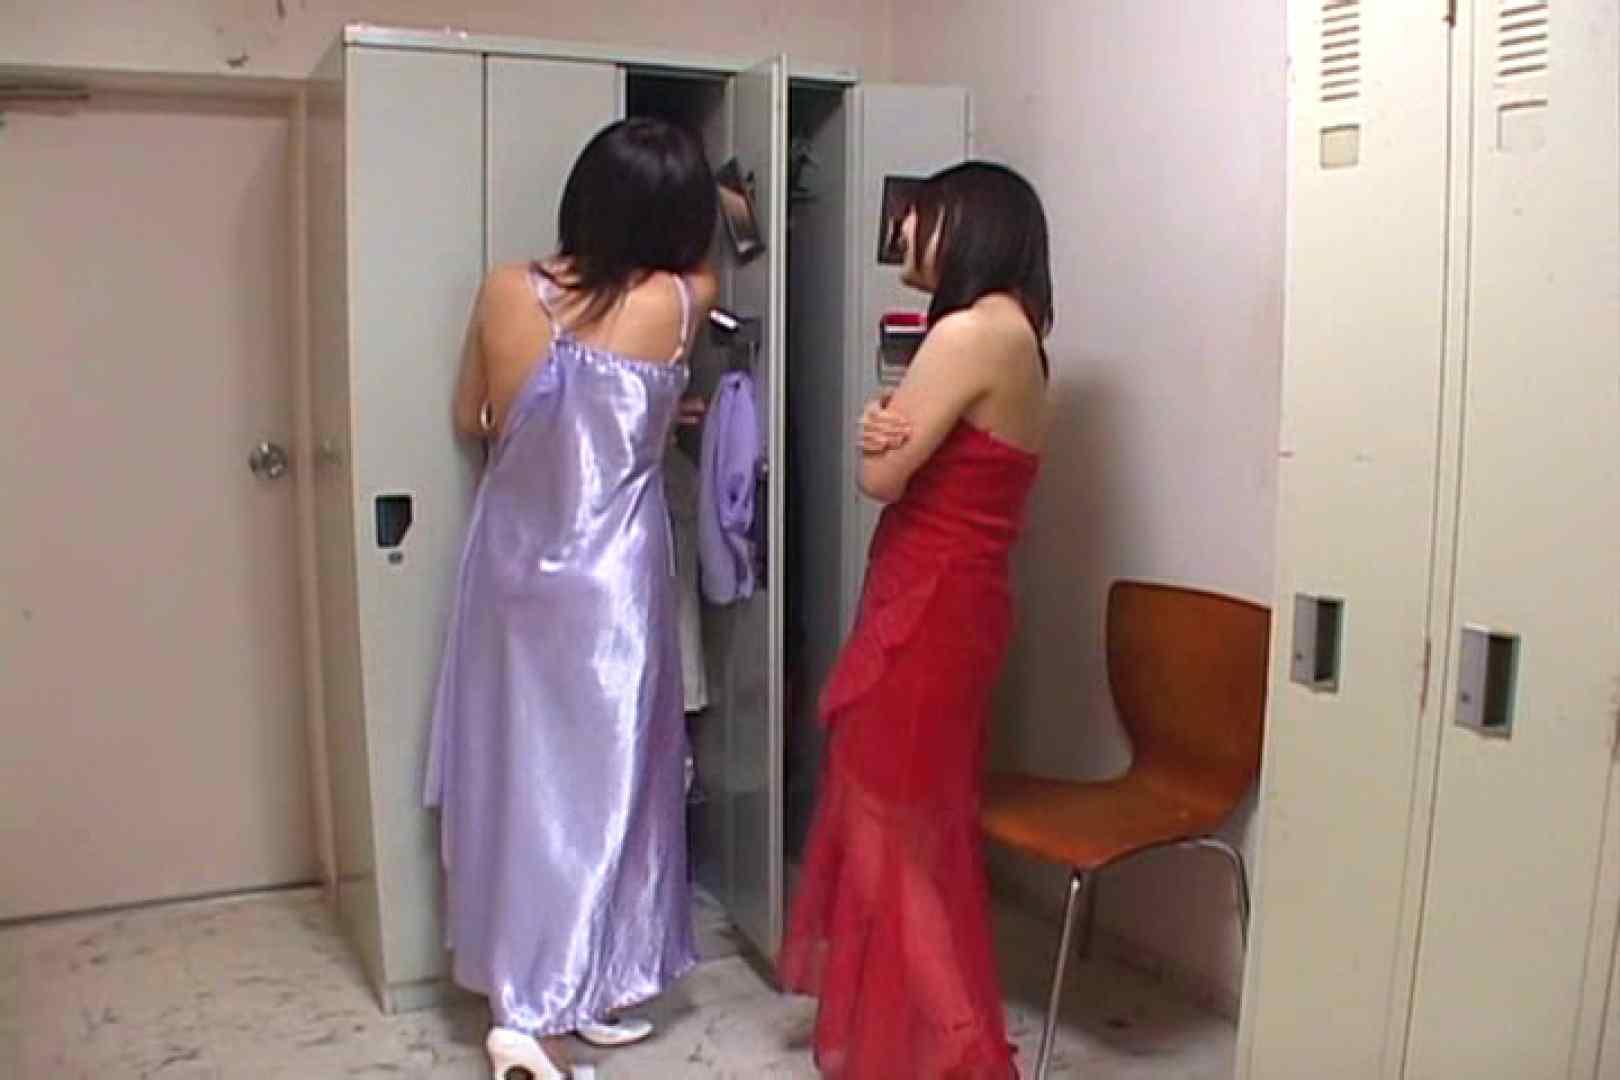 キャバ嬢舞台裏Vol.6 キャバ嬢すけべ画像 | セックス見放題  15連発 13